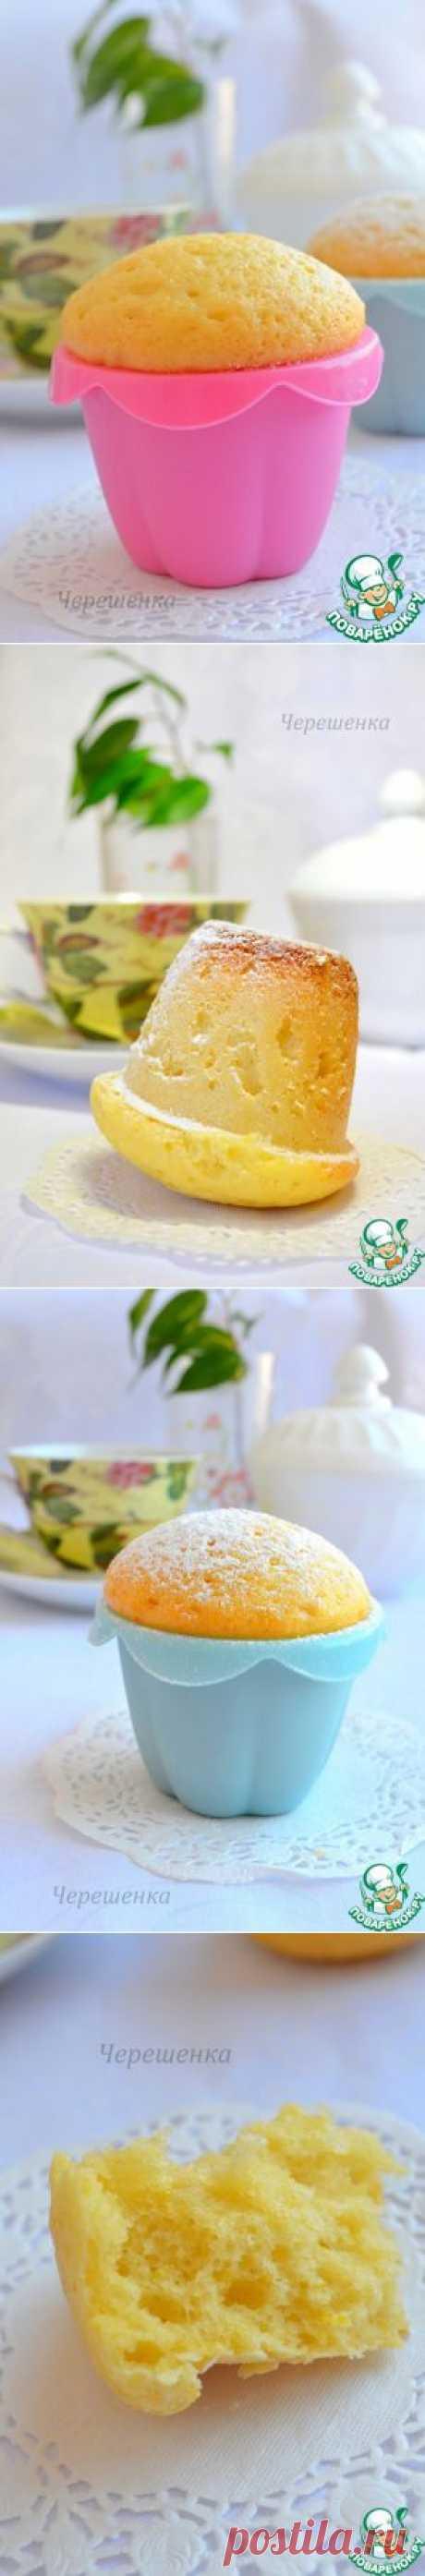 Лимонные маффины в мультиварке - кулинарный рецепт